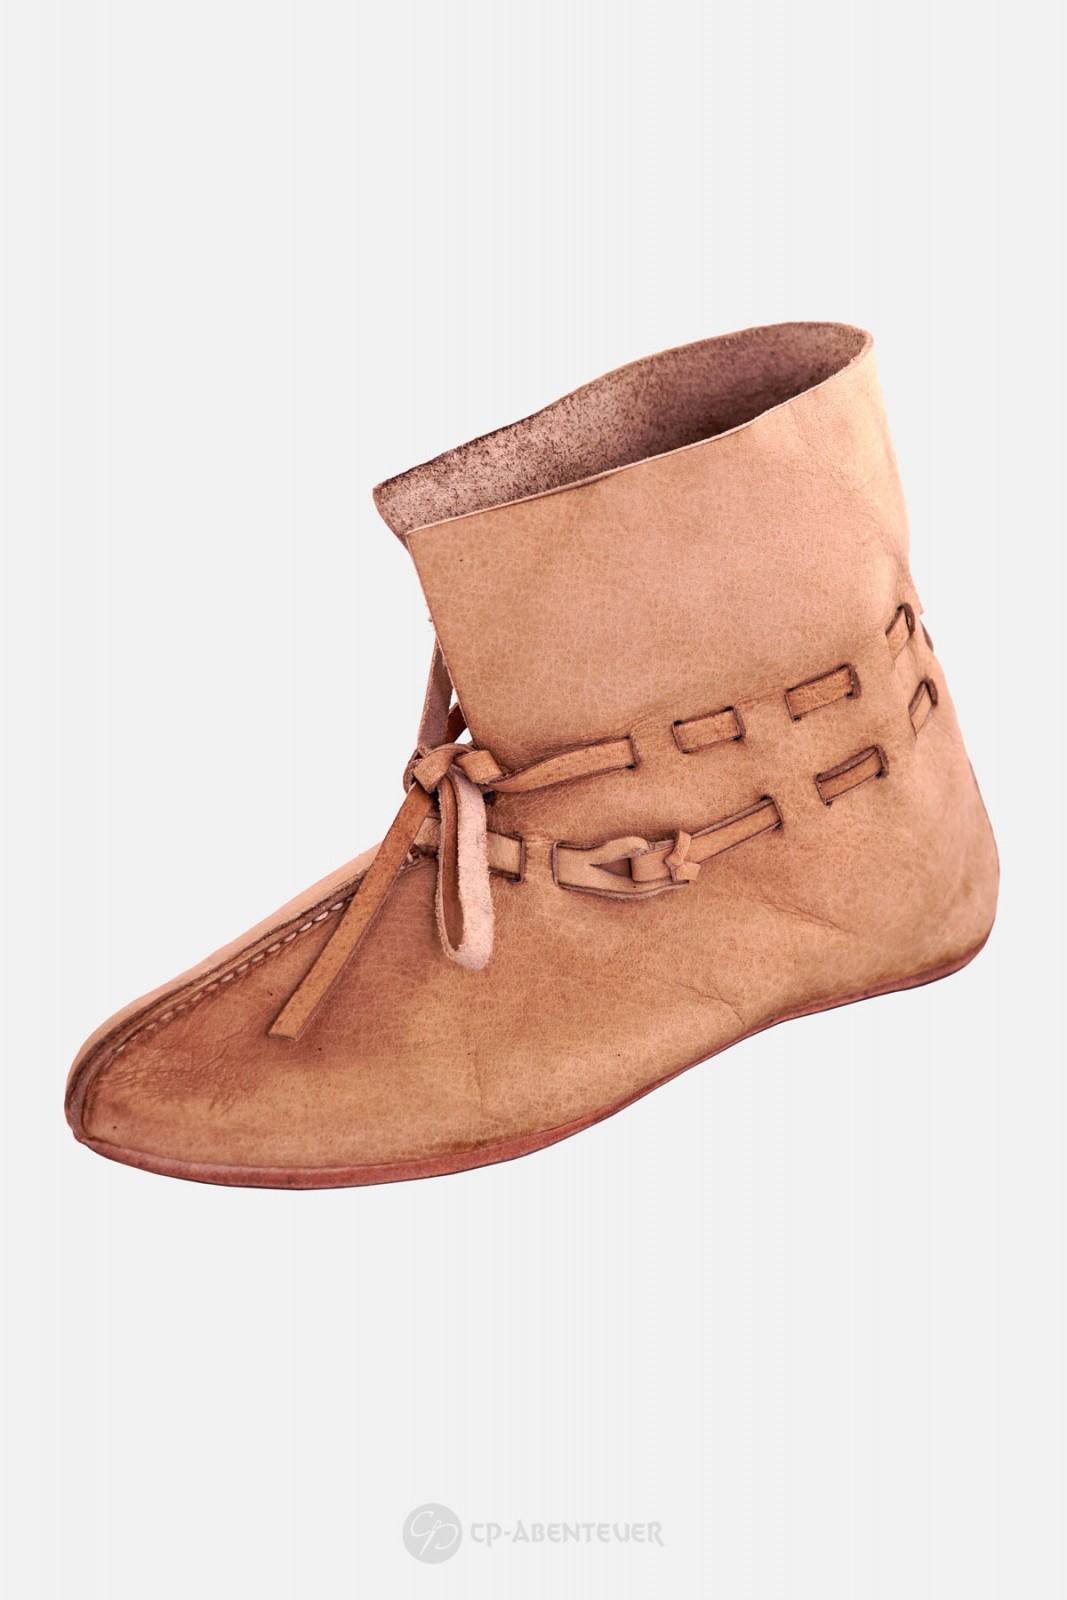 Randwer - Schuhe